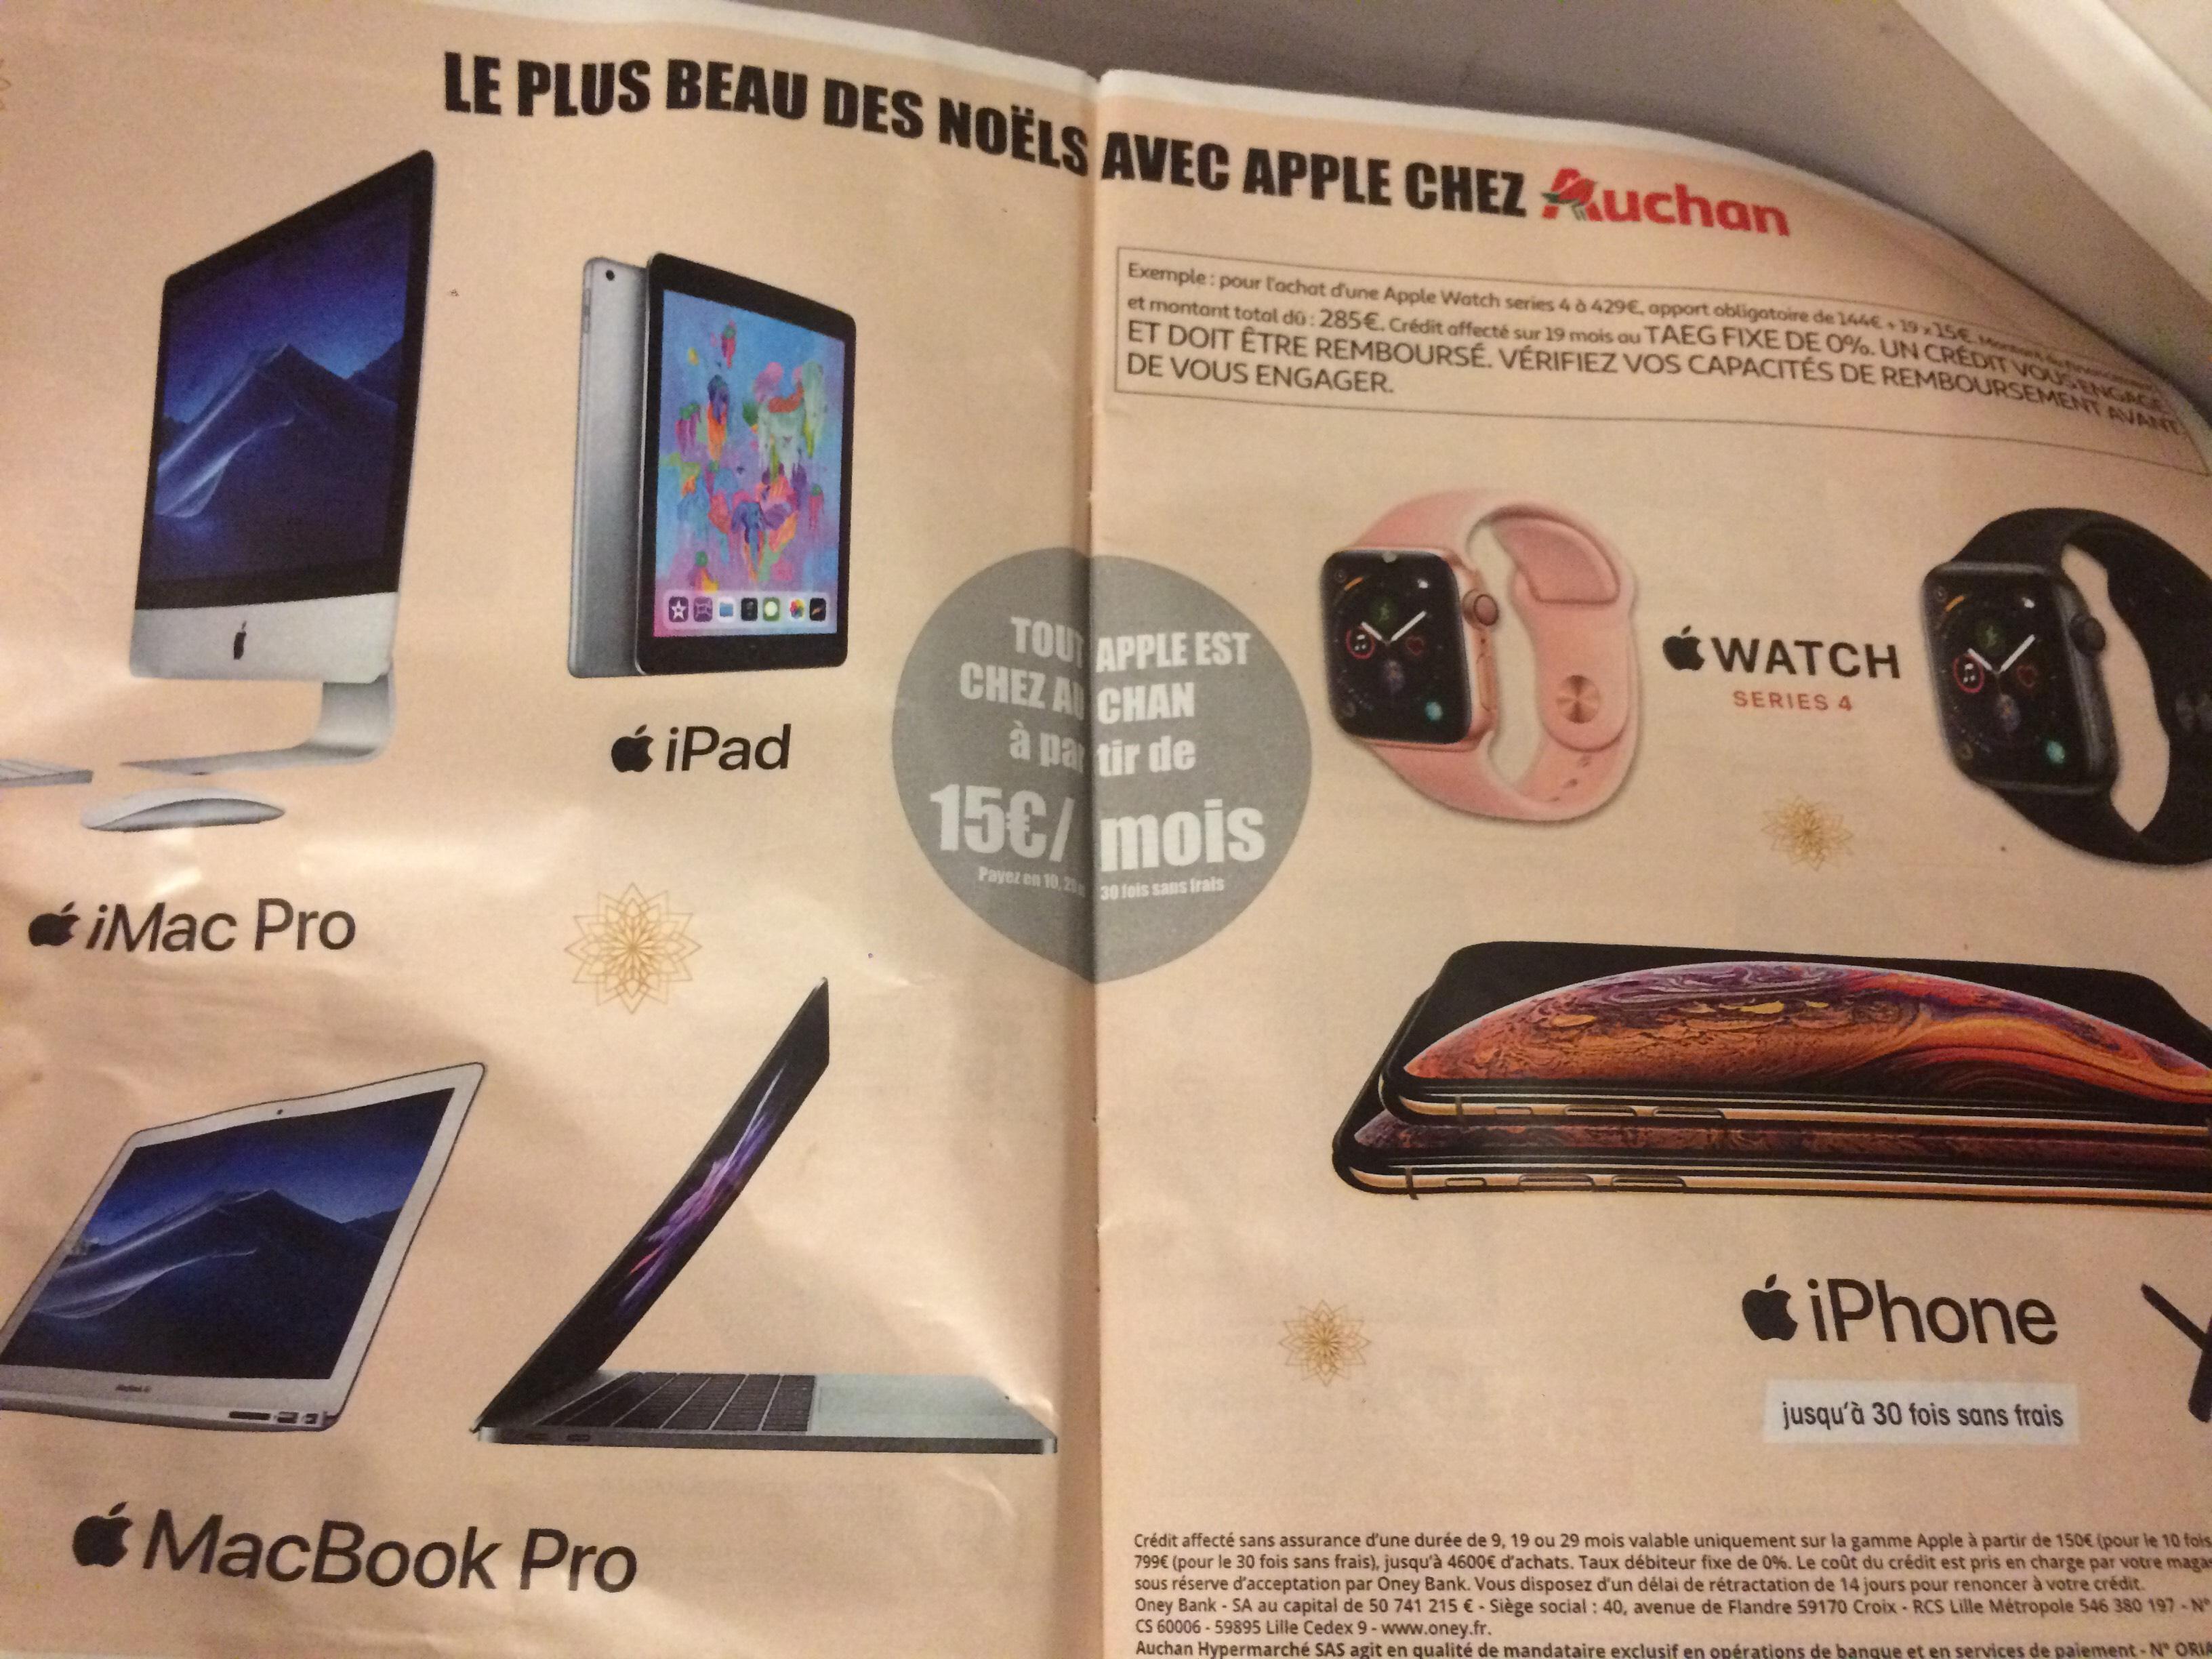 Paiement Jusqu'à 30x sans frais pour les produits Apple